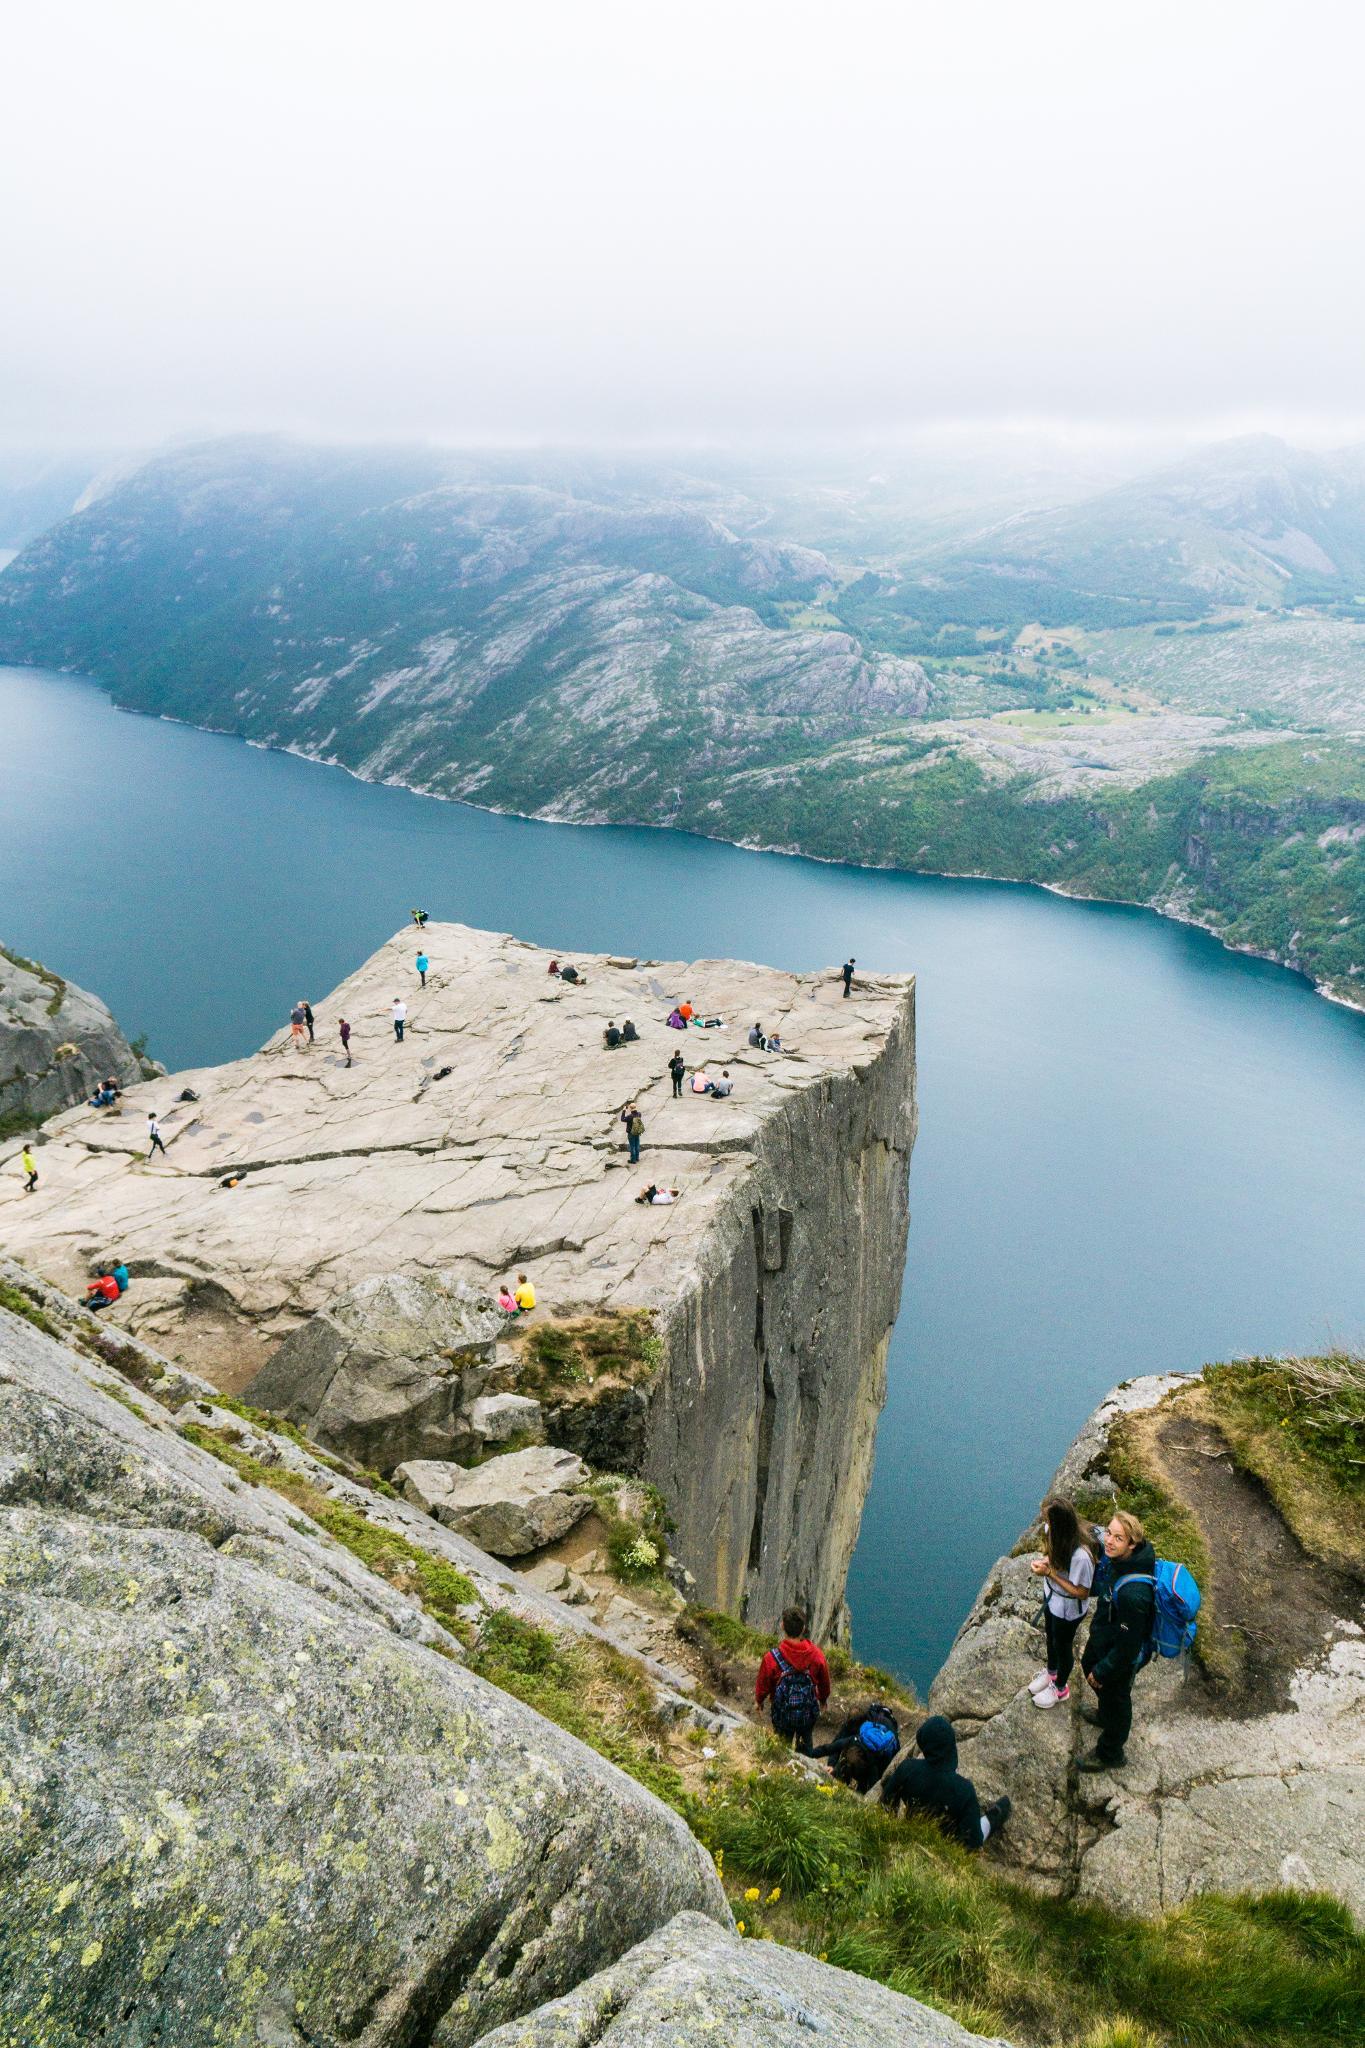 【北歐景點】朝聖挪威三大奇岩:聖壇岩Preikestolen健行紀錄 29